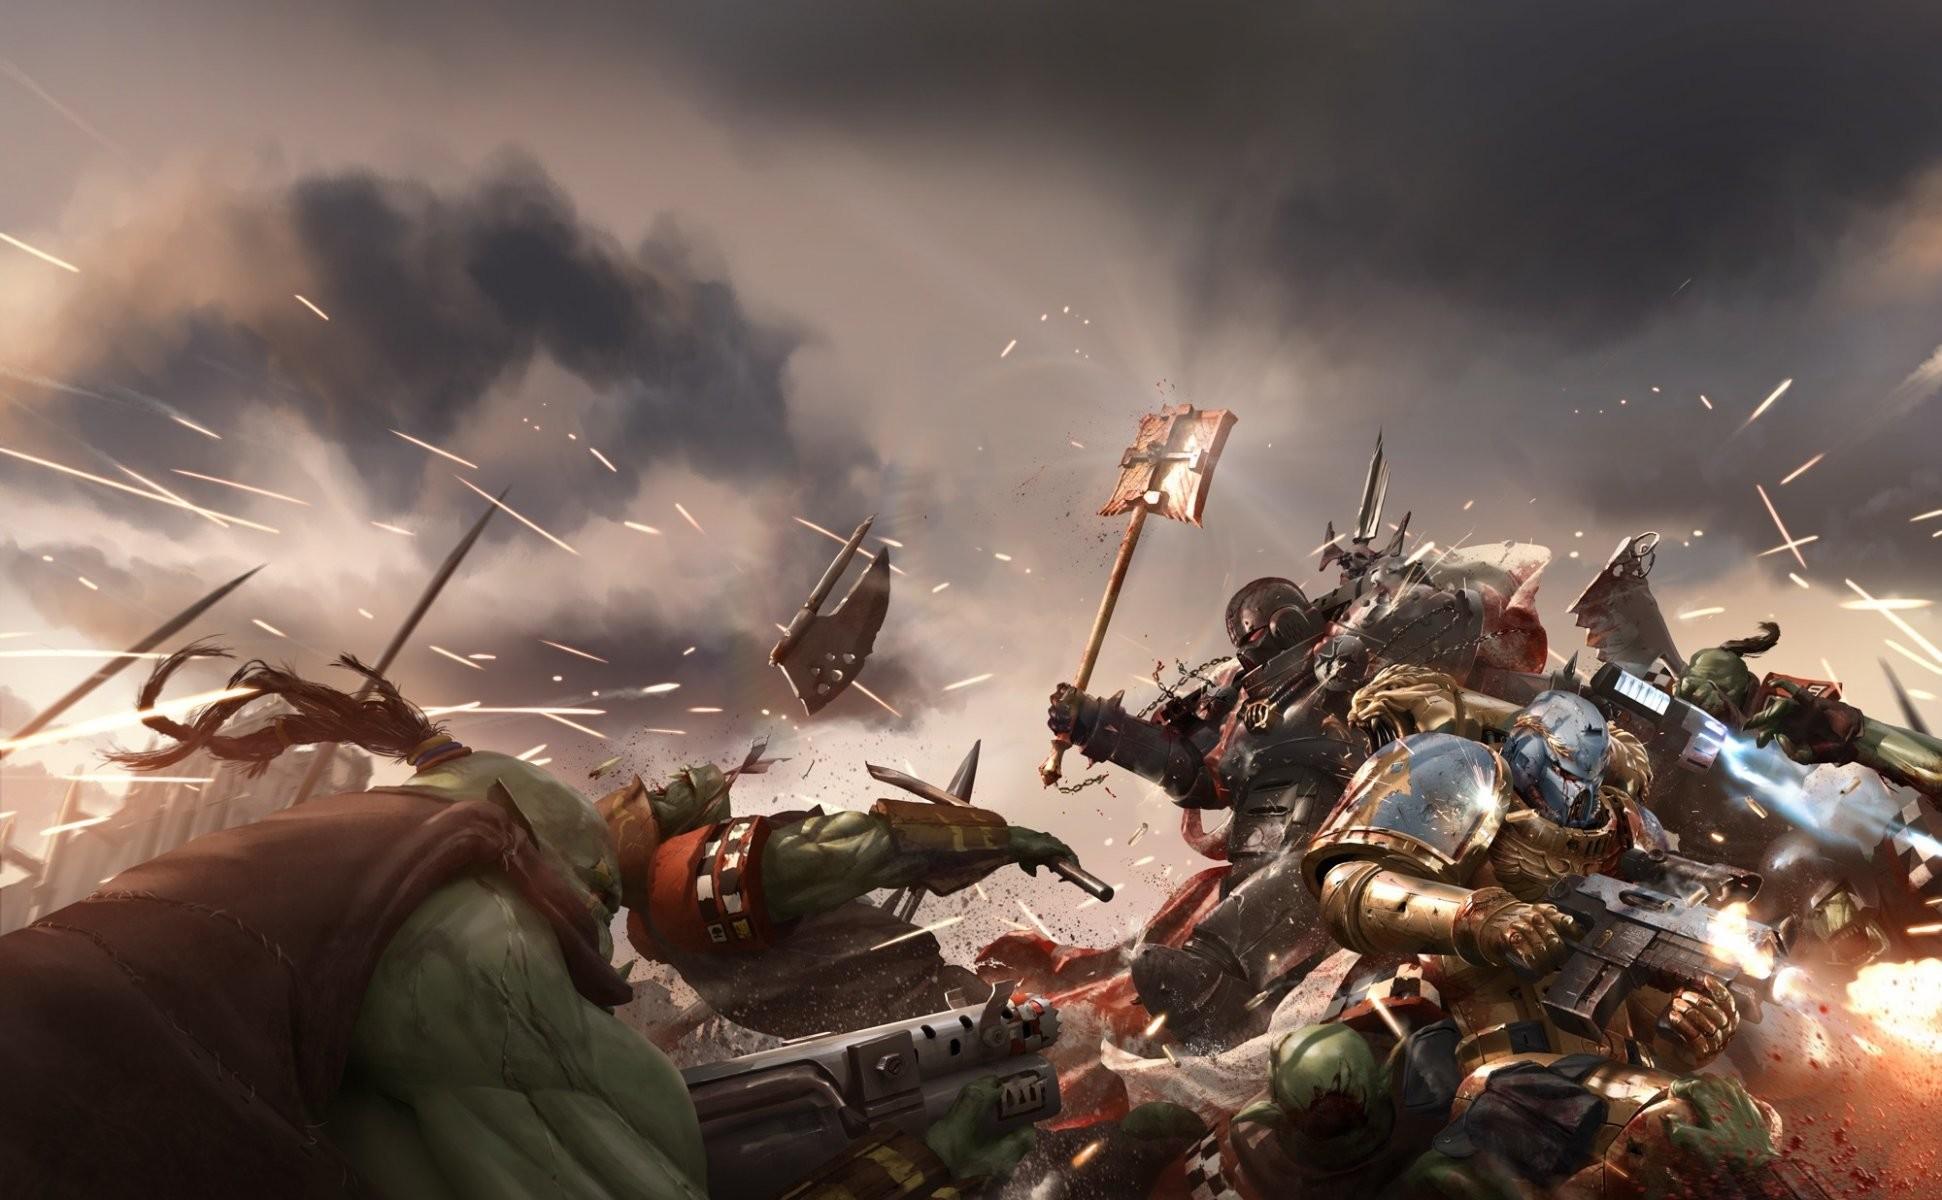 warhammer 40k wh40k warhammer fight battle space marine ork orks art war